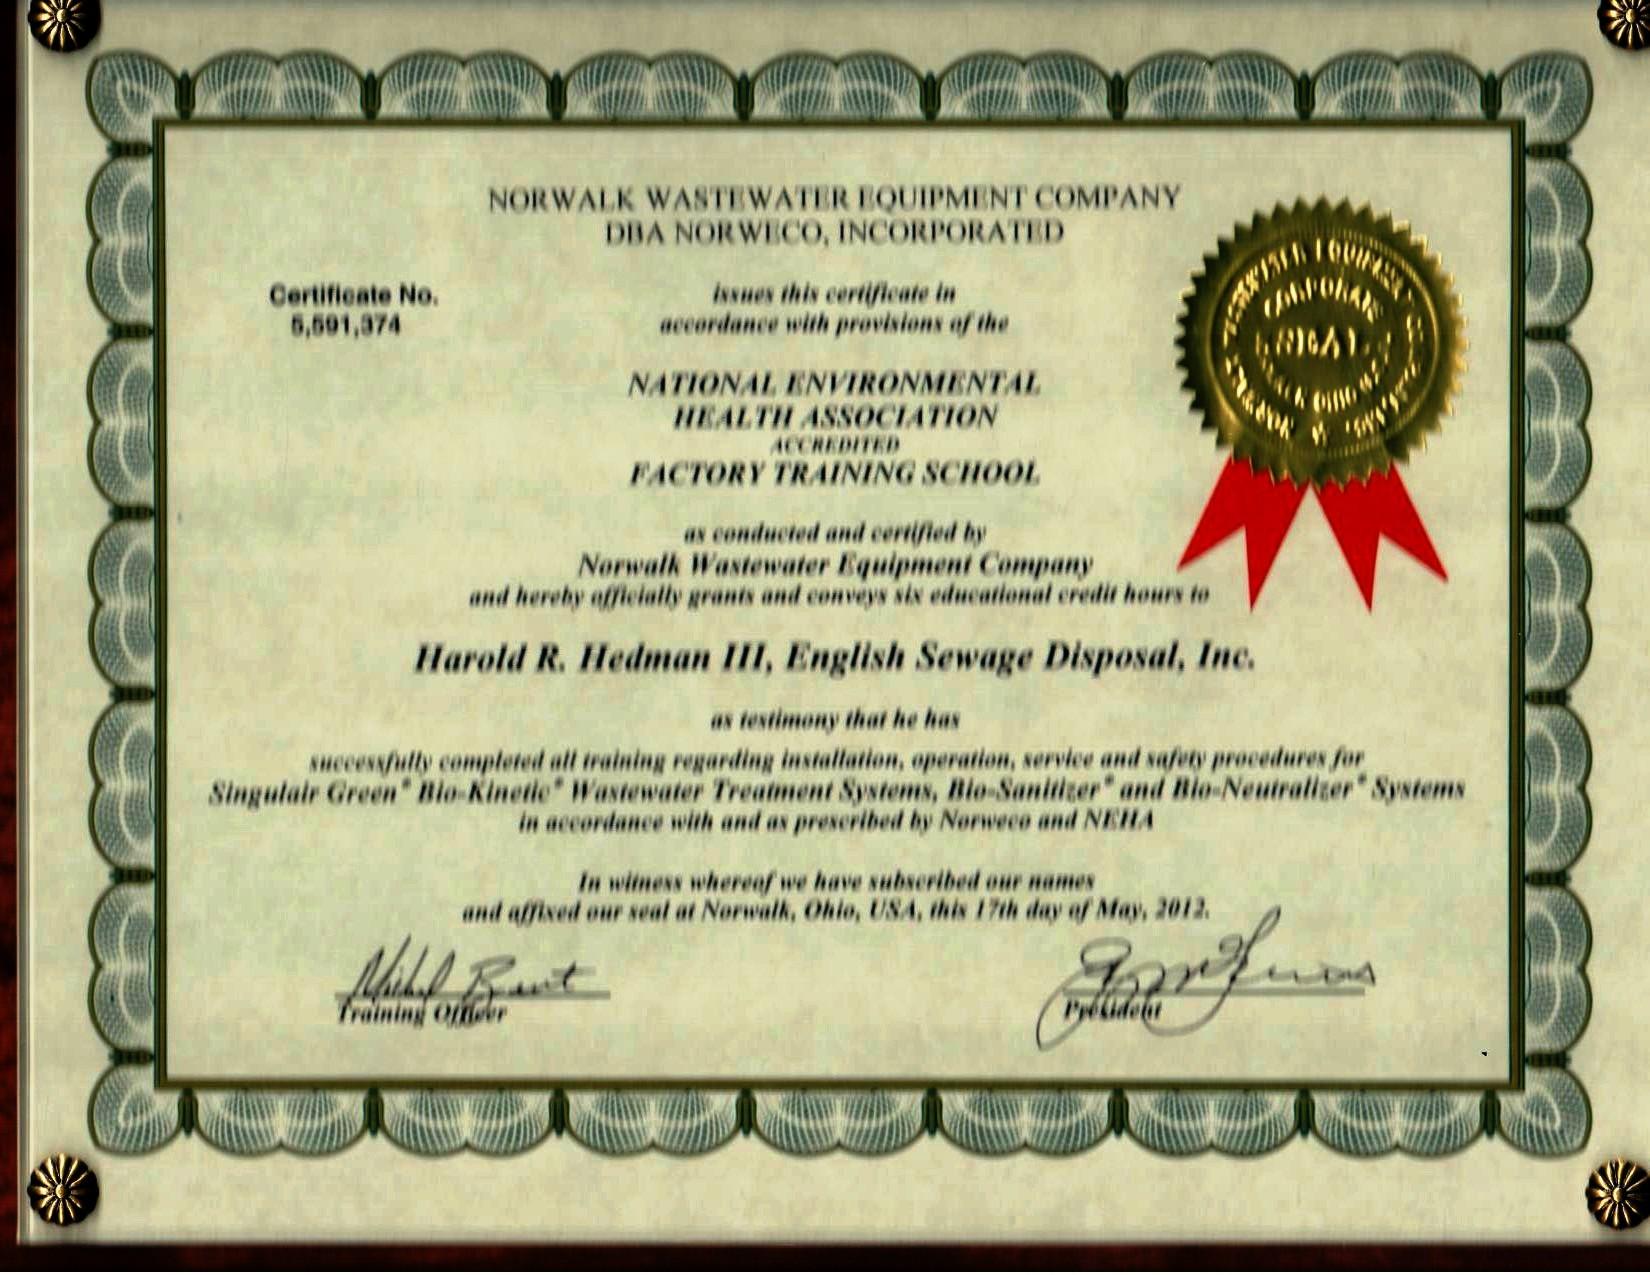 R. Hedman 5.17.12 NORWECO Certified